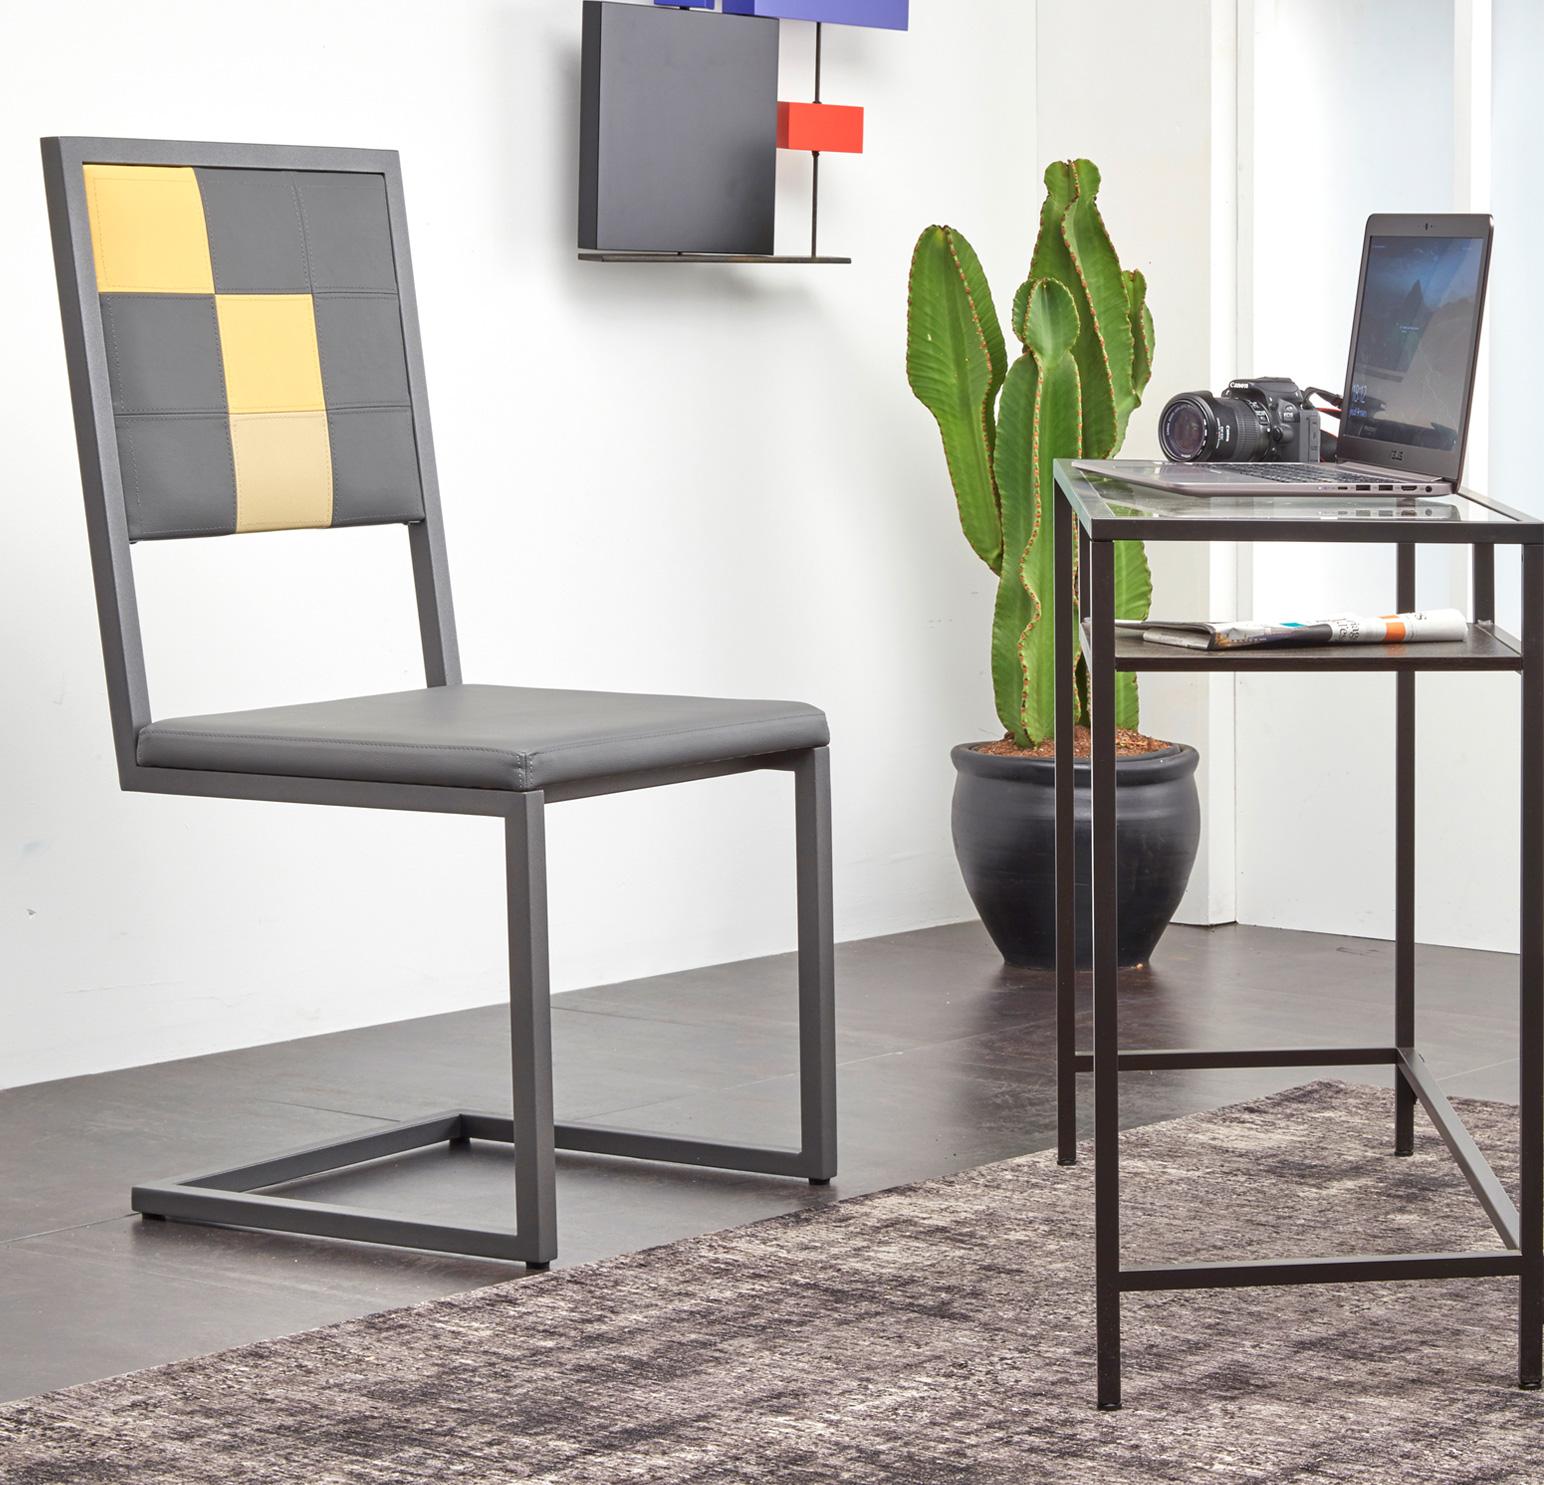 chaise de bureau design Pied-Tine, pied acier cantilever, dossier en damier sur mesure, Mobilier design Les Pieds Sur La Table